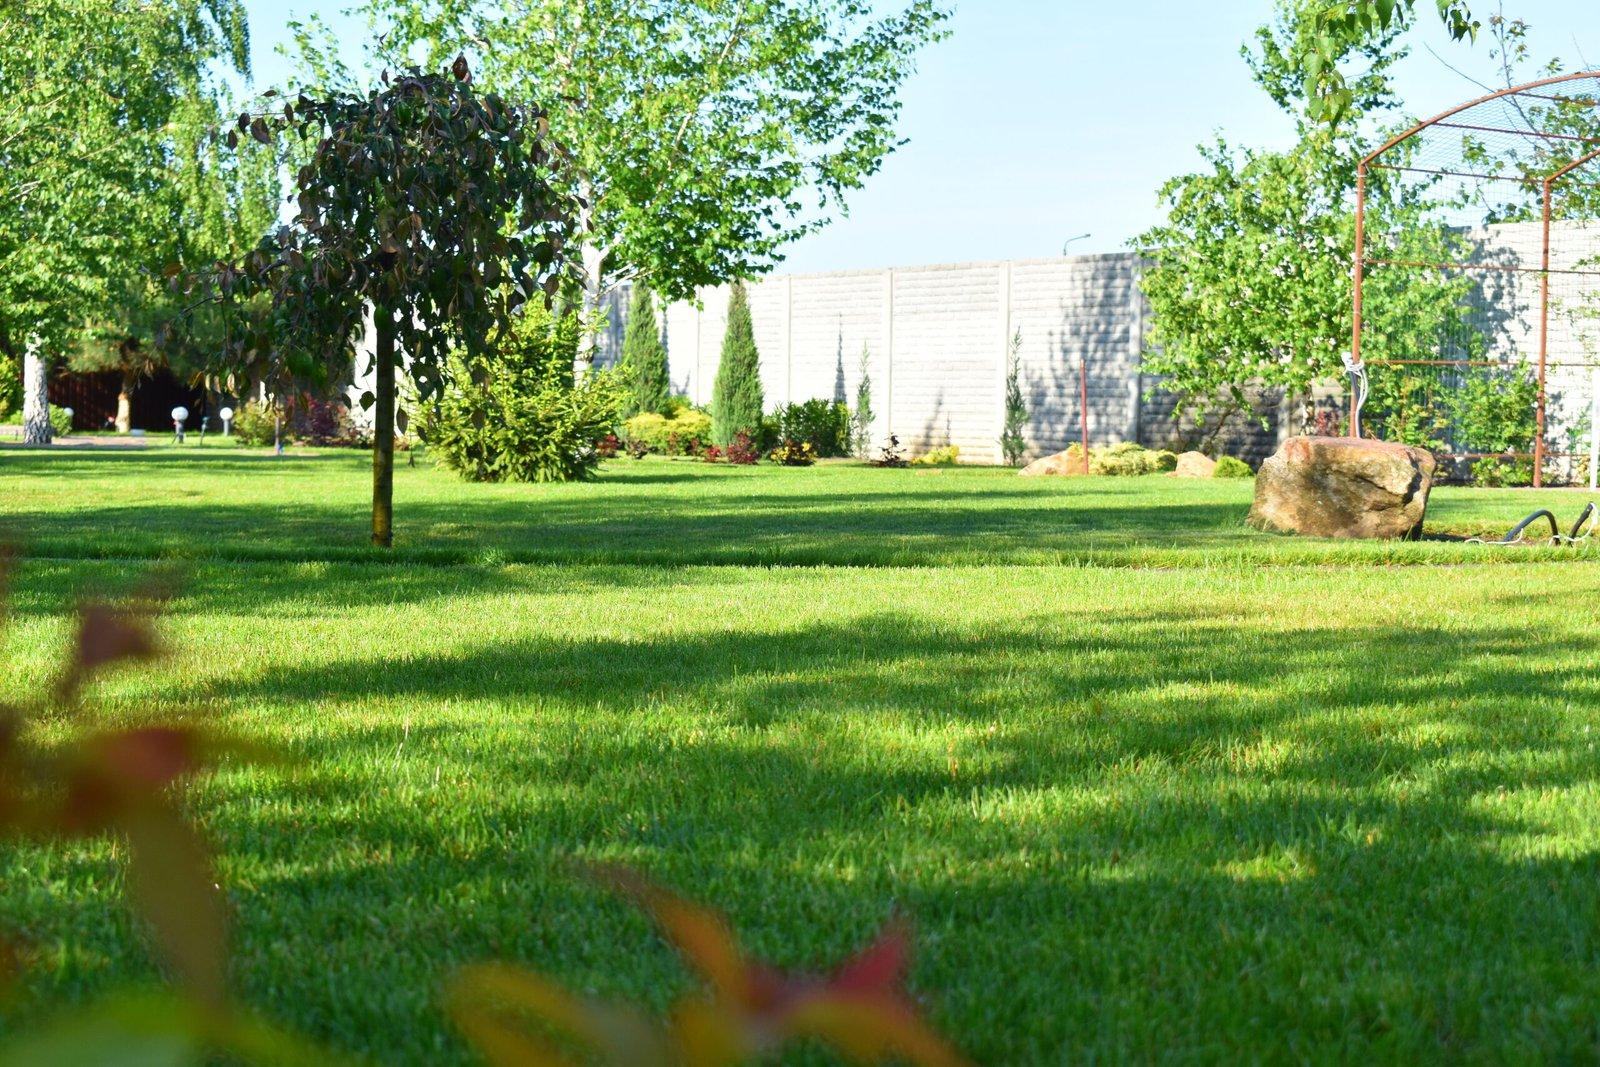 Спортивный газон для ландшафтного дизайна, газон для игр, спортивный газон в Киеве